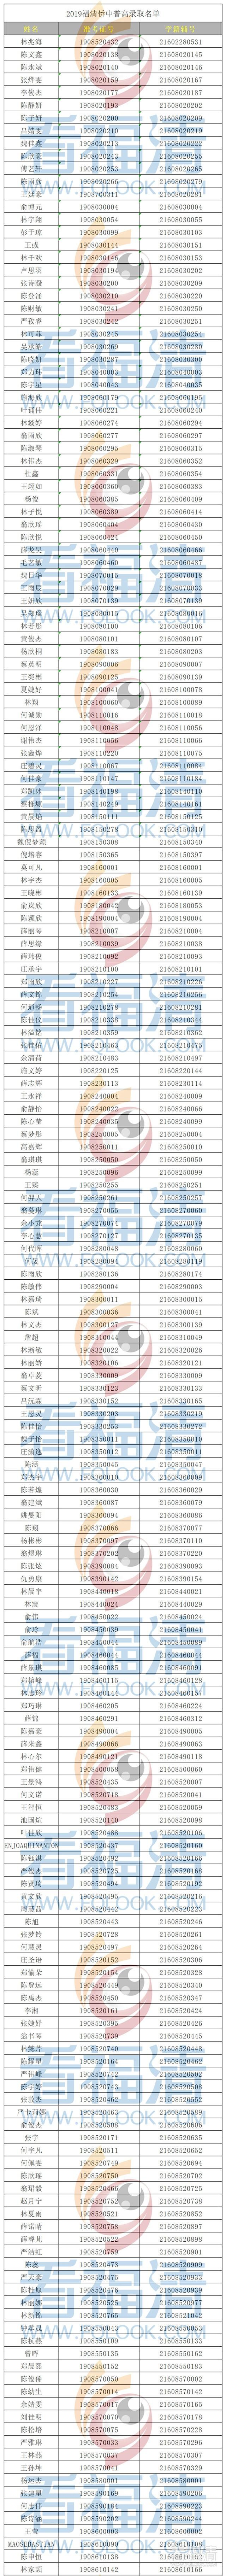 福清侨中2019年高一新生录取名单